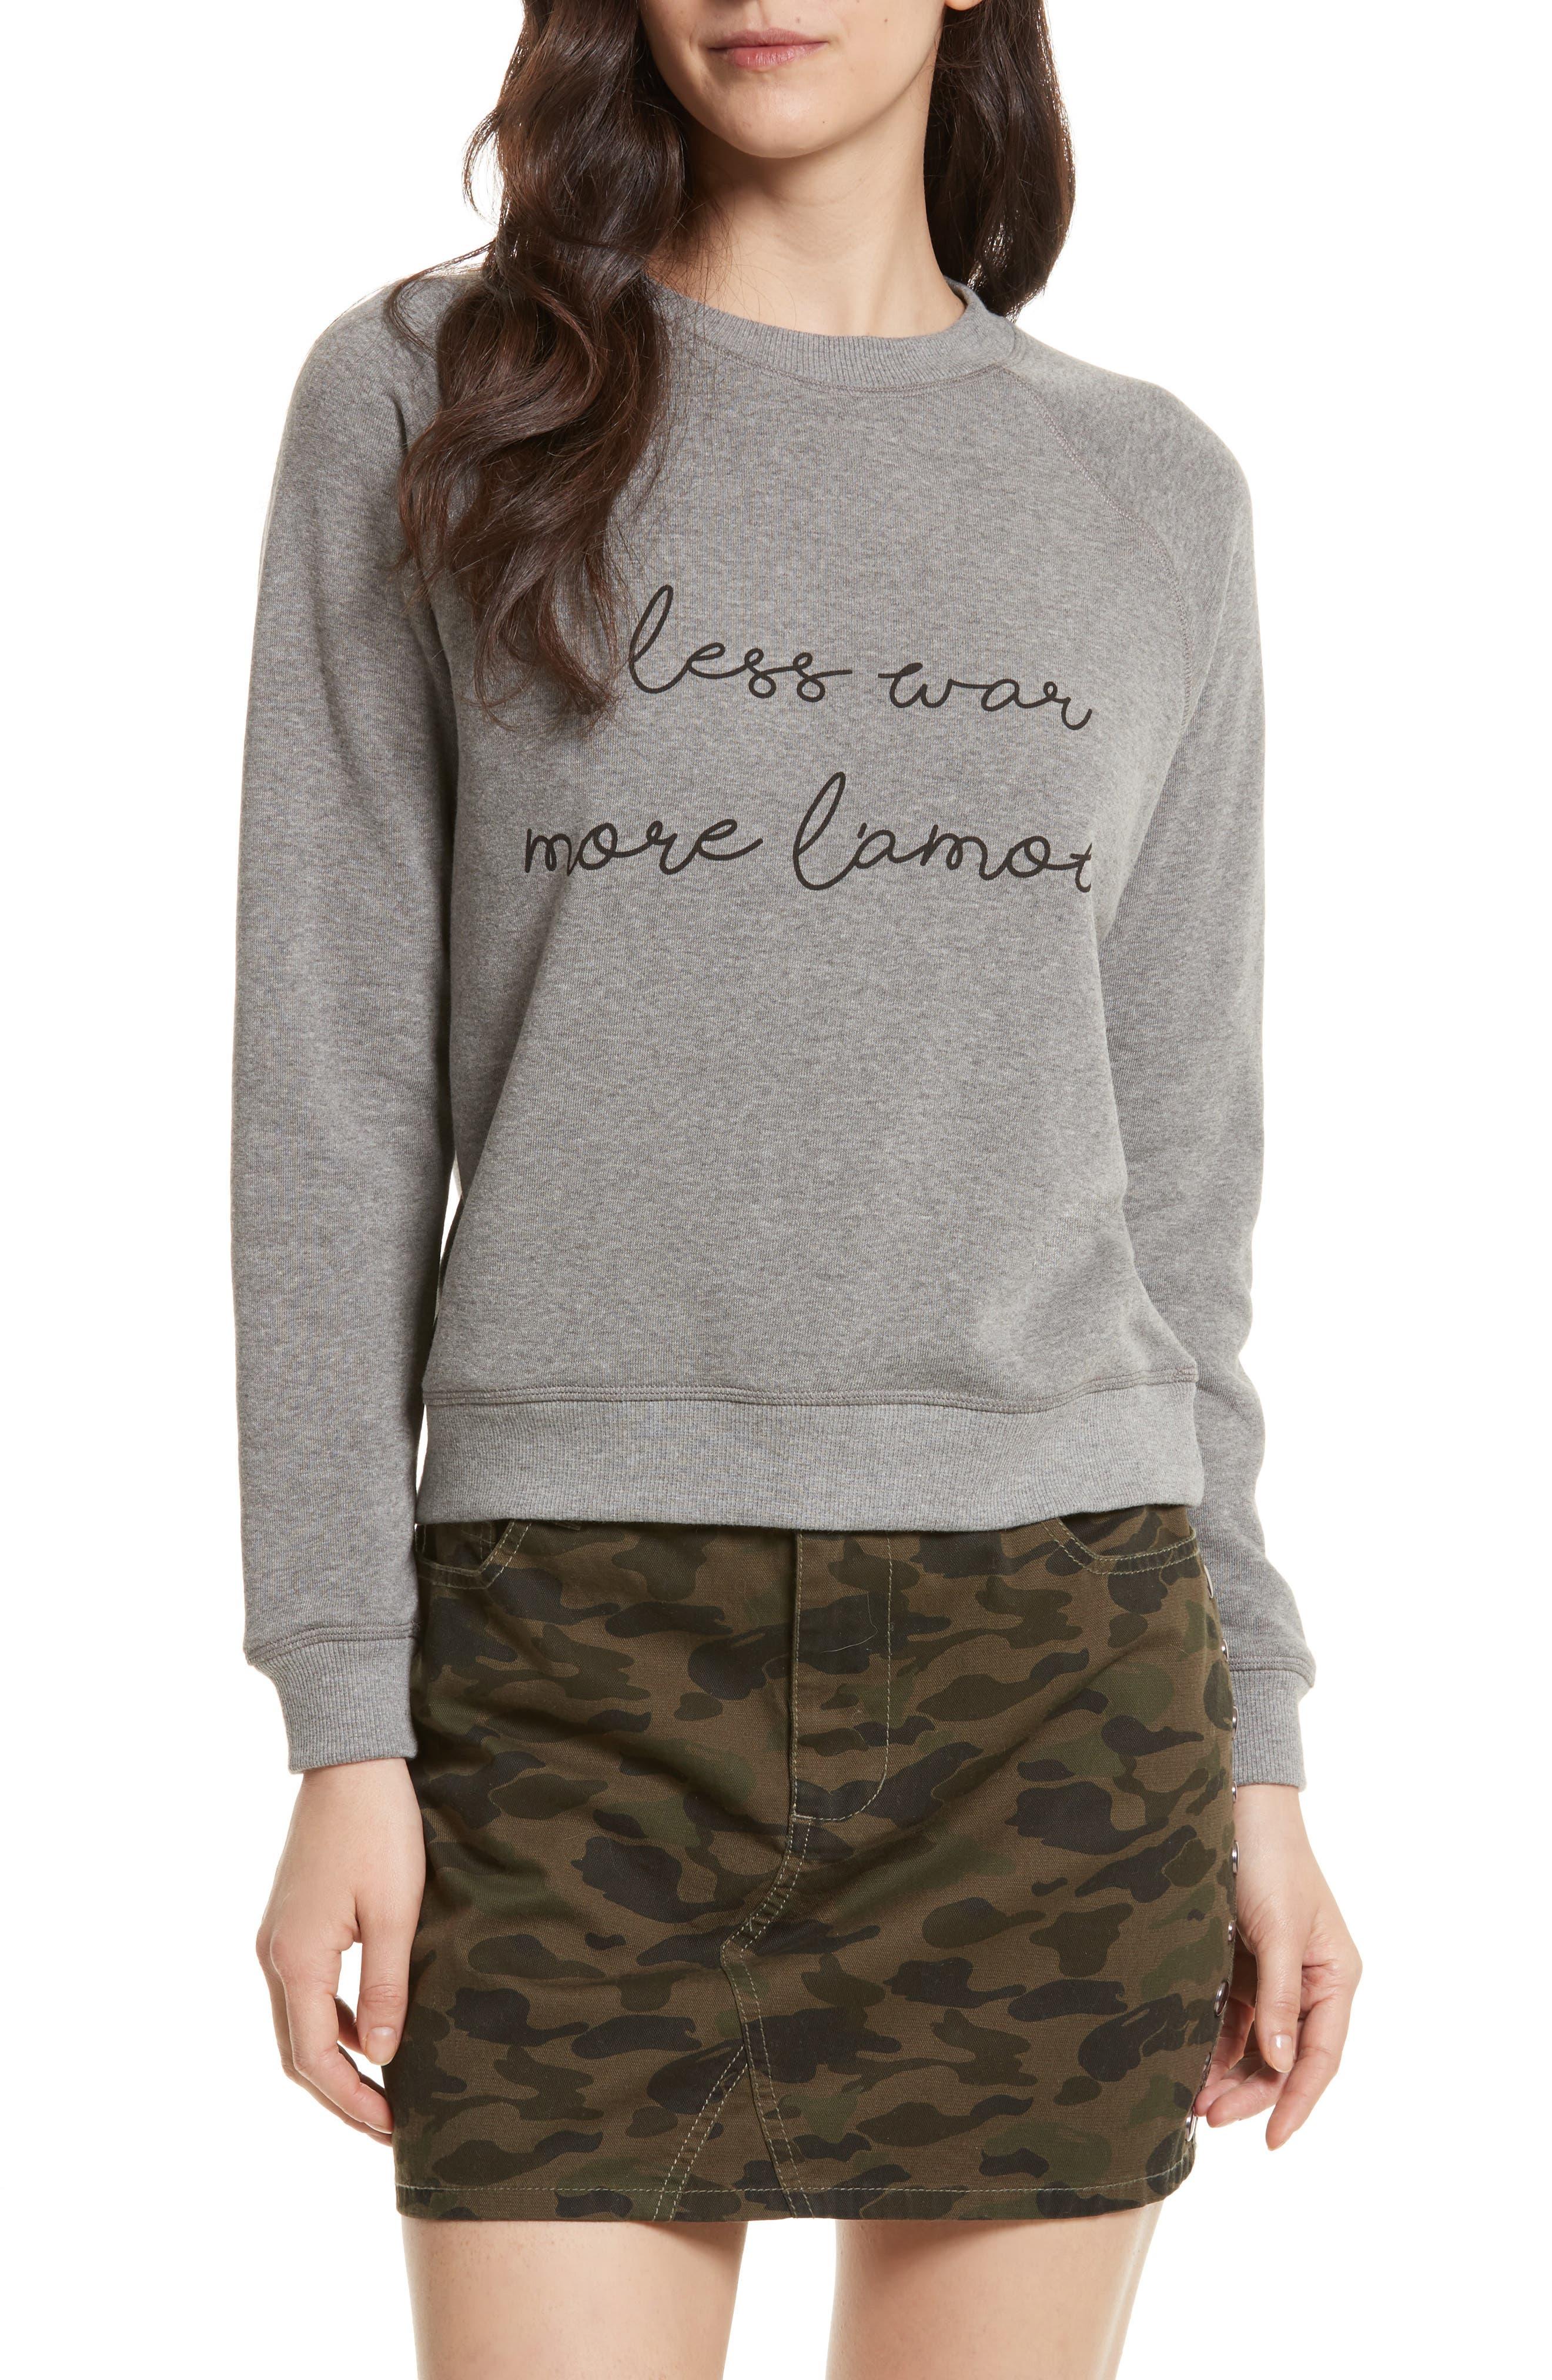 Rebecca Minkoff Less War Sweatshirt